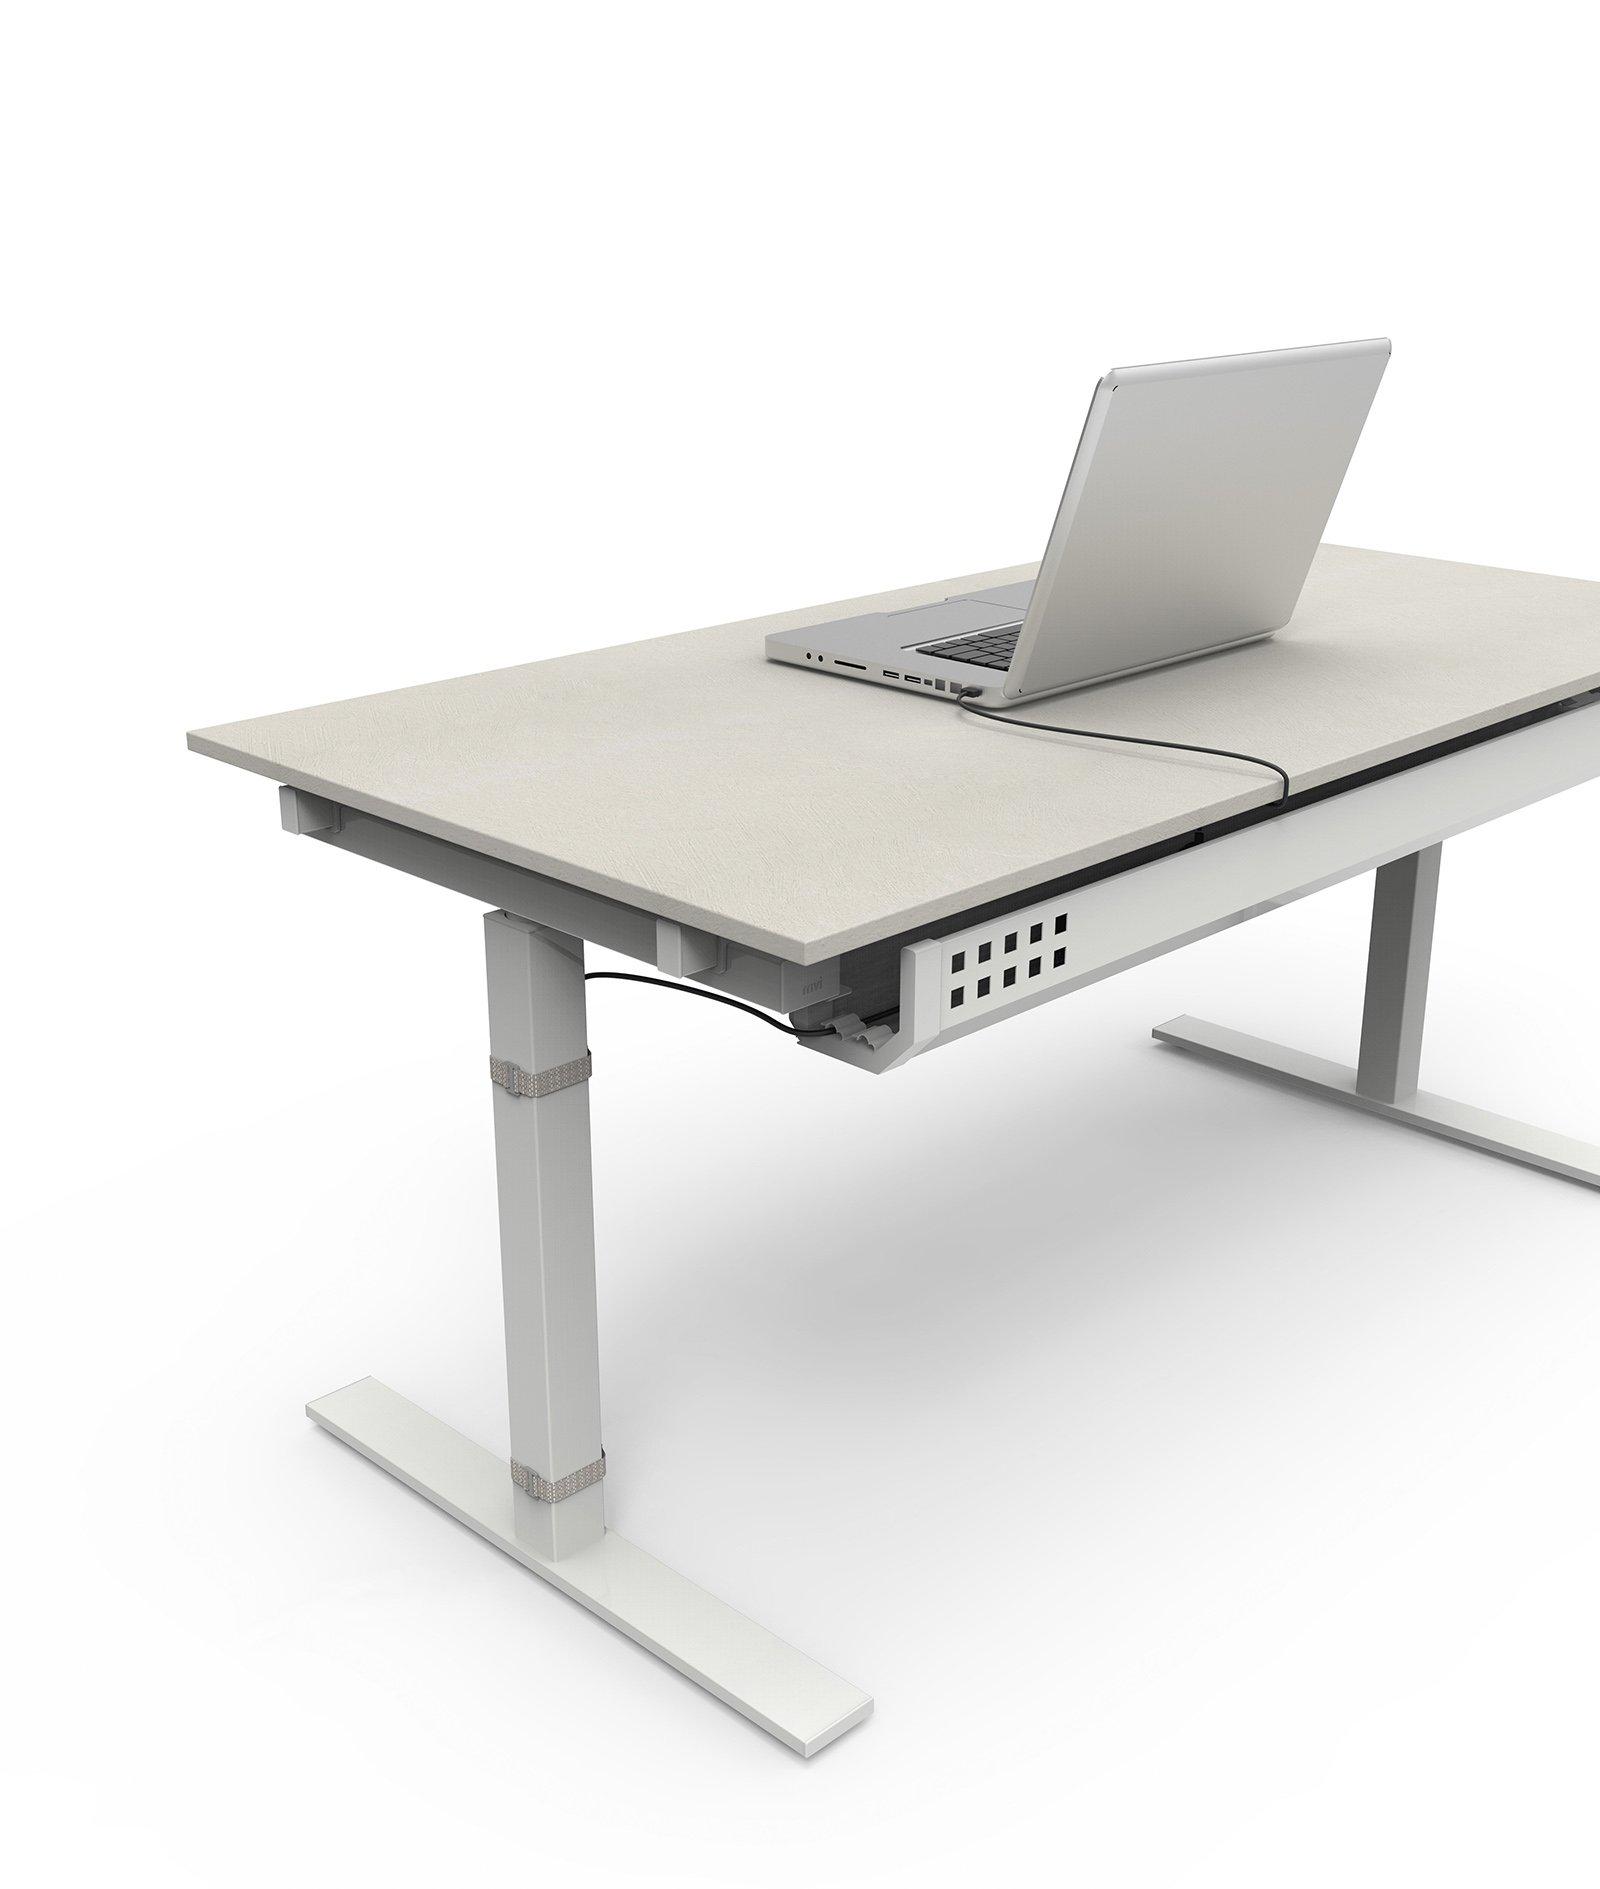 Arredo ufficio tabula mobili per ufficio - Mobili per ufficio ...